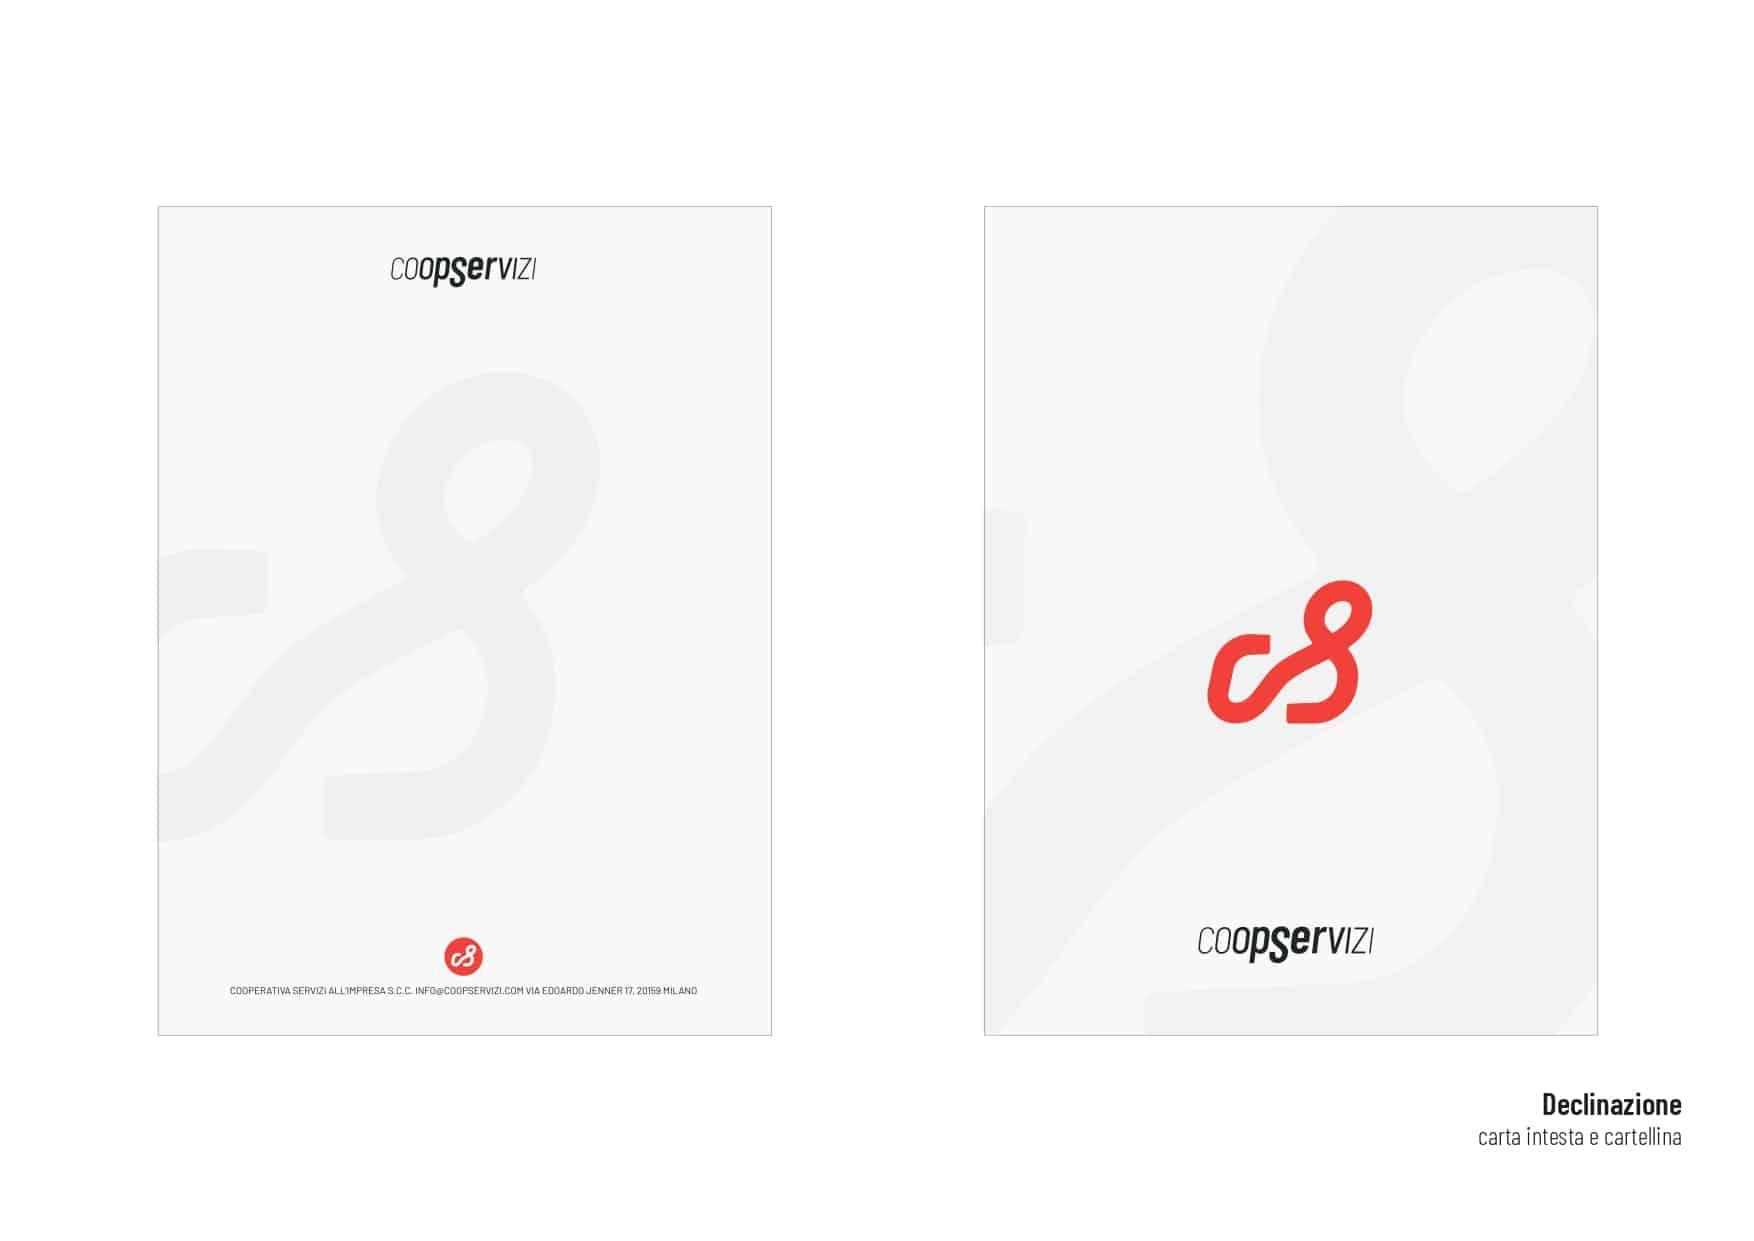 progetto-COOPSERVIZI-Emanuele Milanini_page-0010